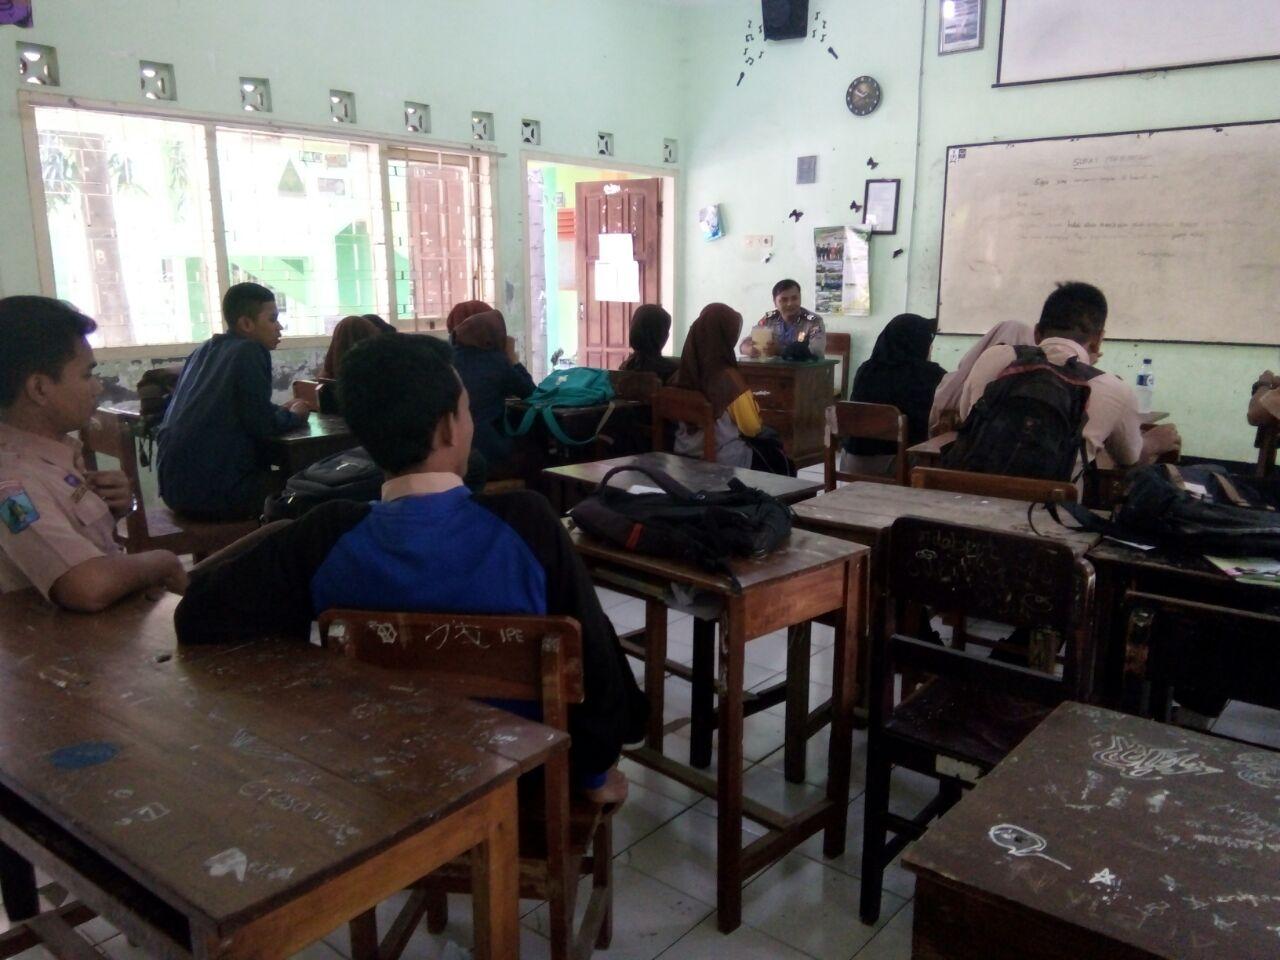 Bhabin Polsek Ngantang Polres Batu Mengajar memberikan Pesan Bahayanya Narkoba